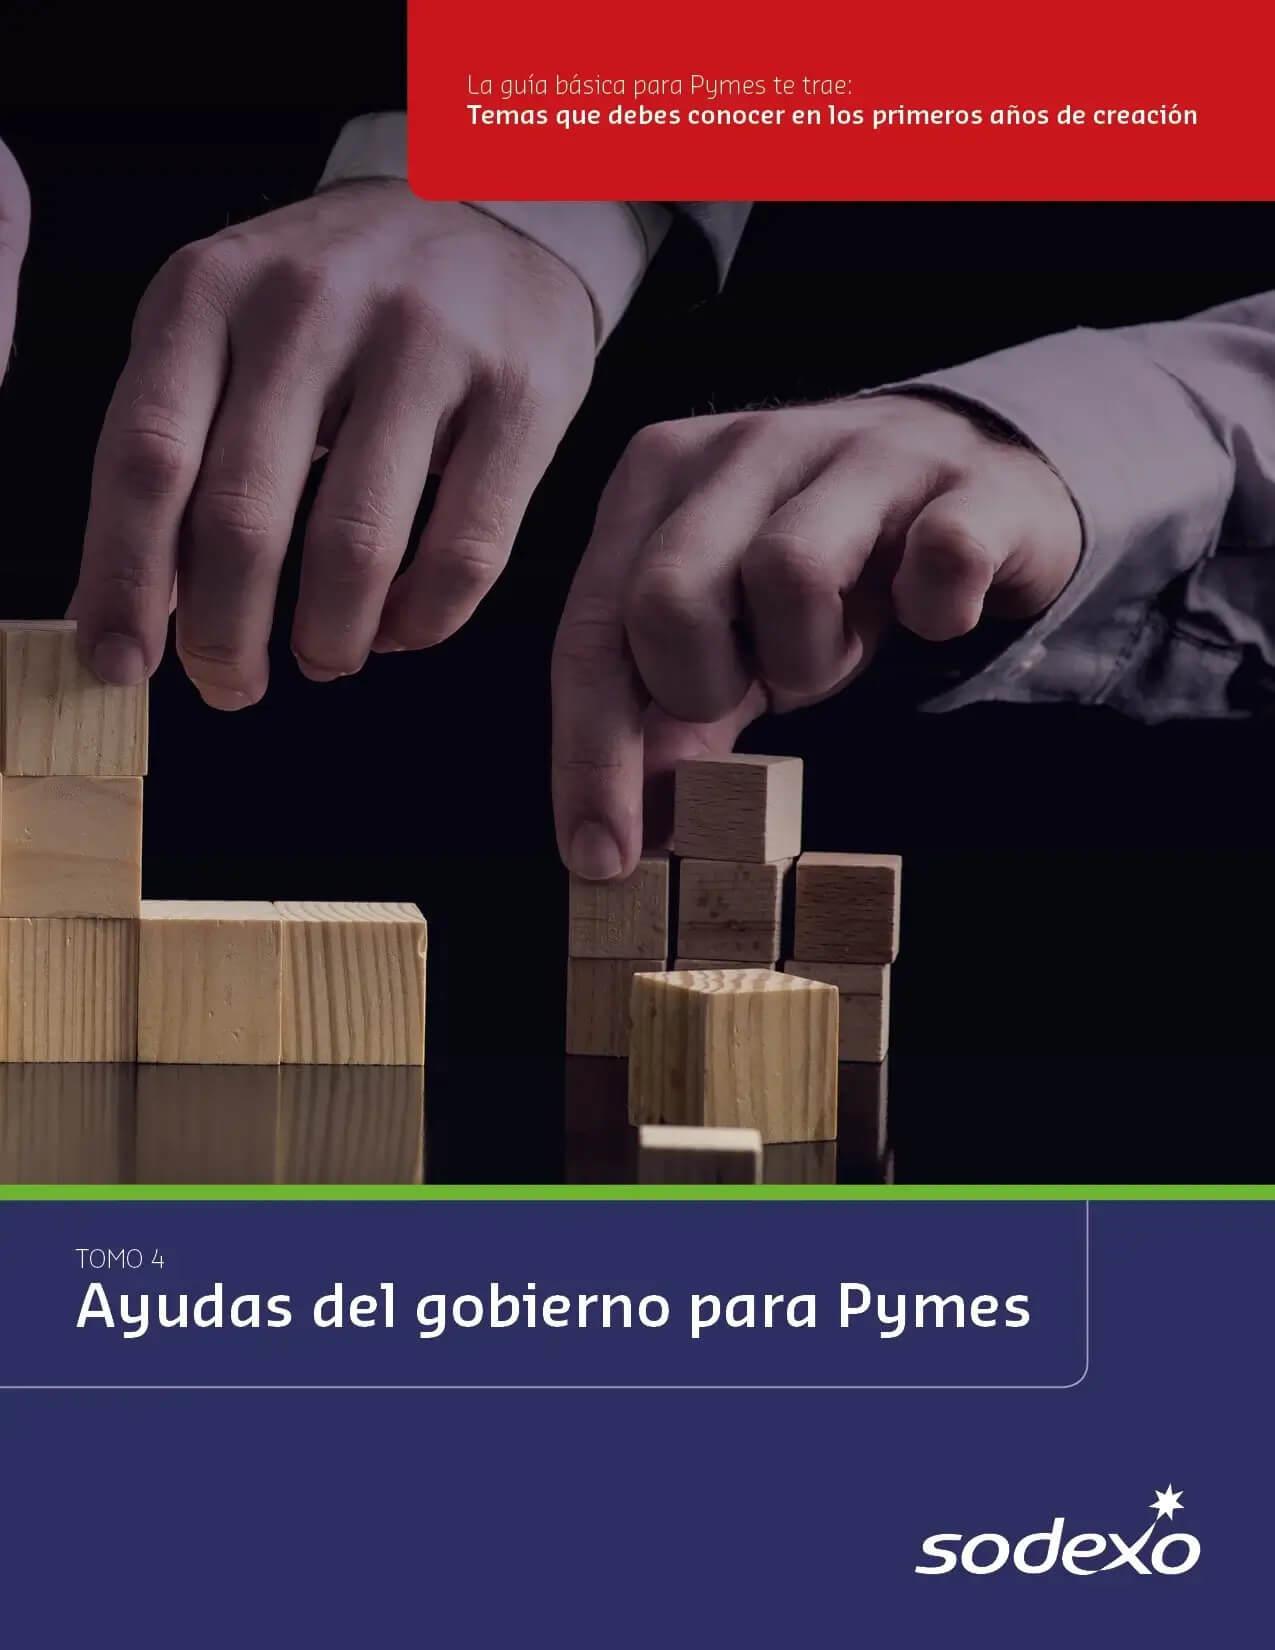 Ayudas el gobierno para Pymes